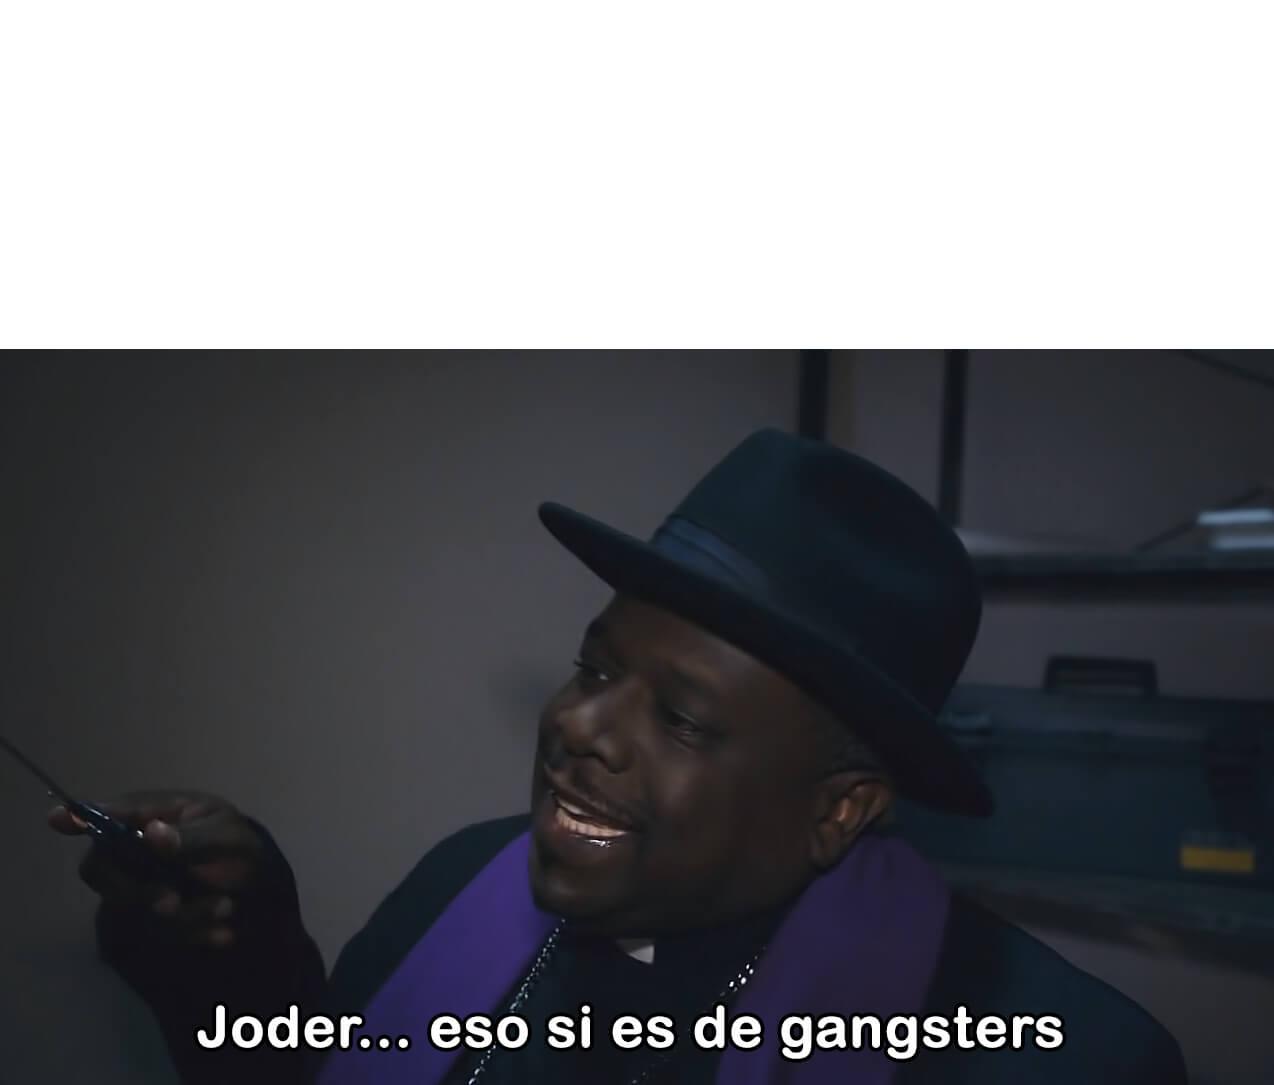 Ir a la pagina de la plantilla Joder... eso si es de gangster.